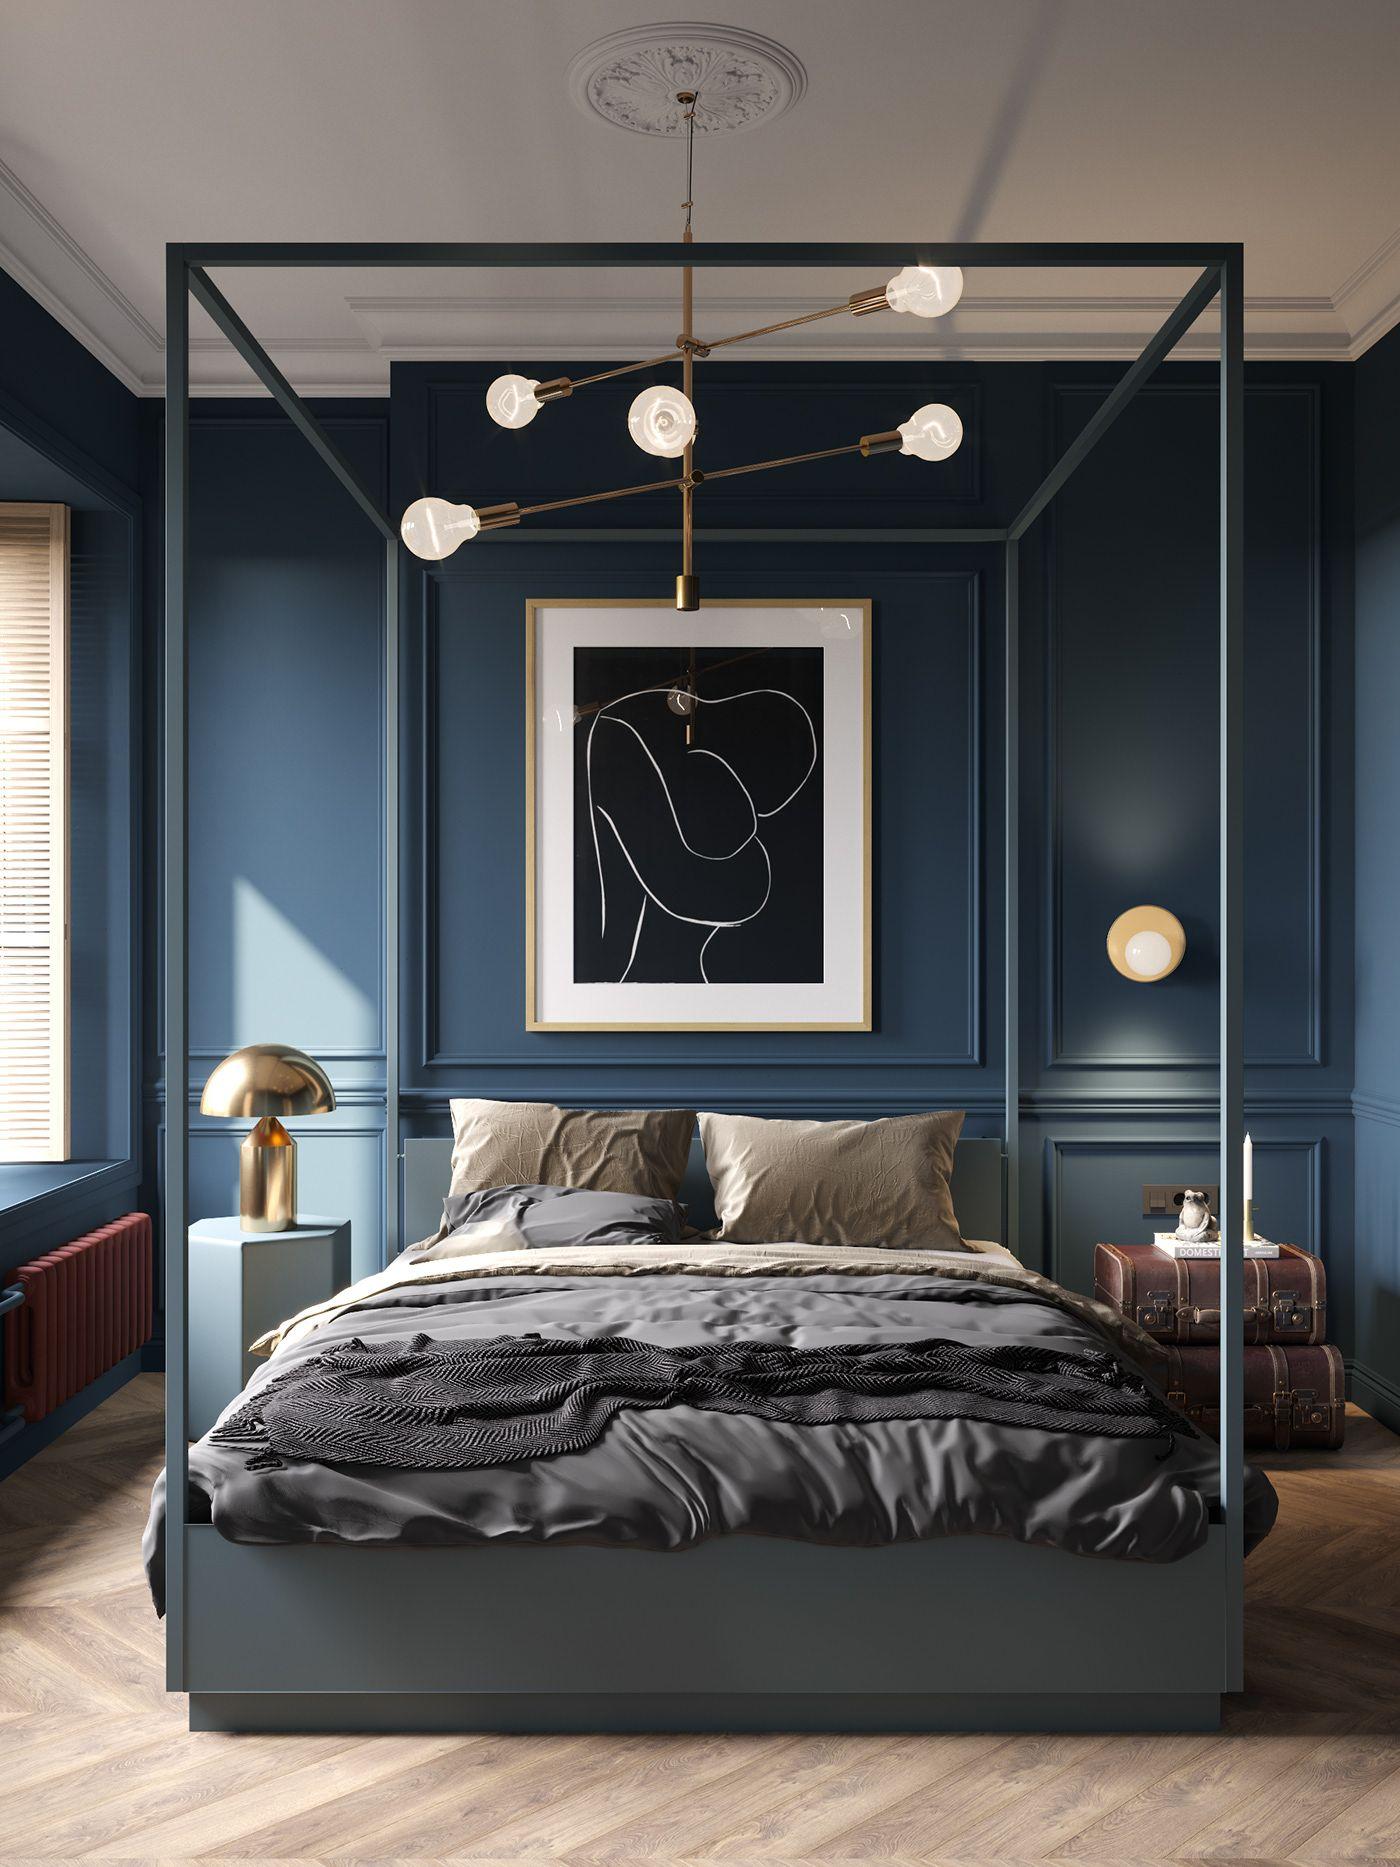 Un appartement classique chic par Cartelle Design - PLANETE DECO a